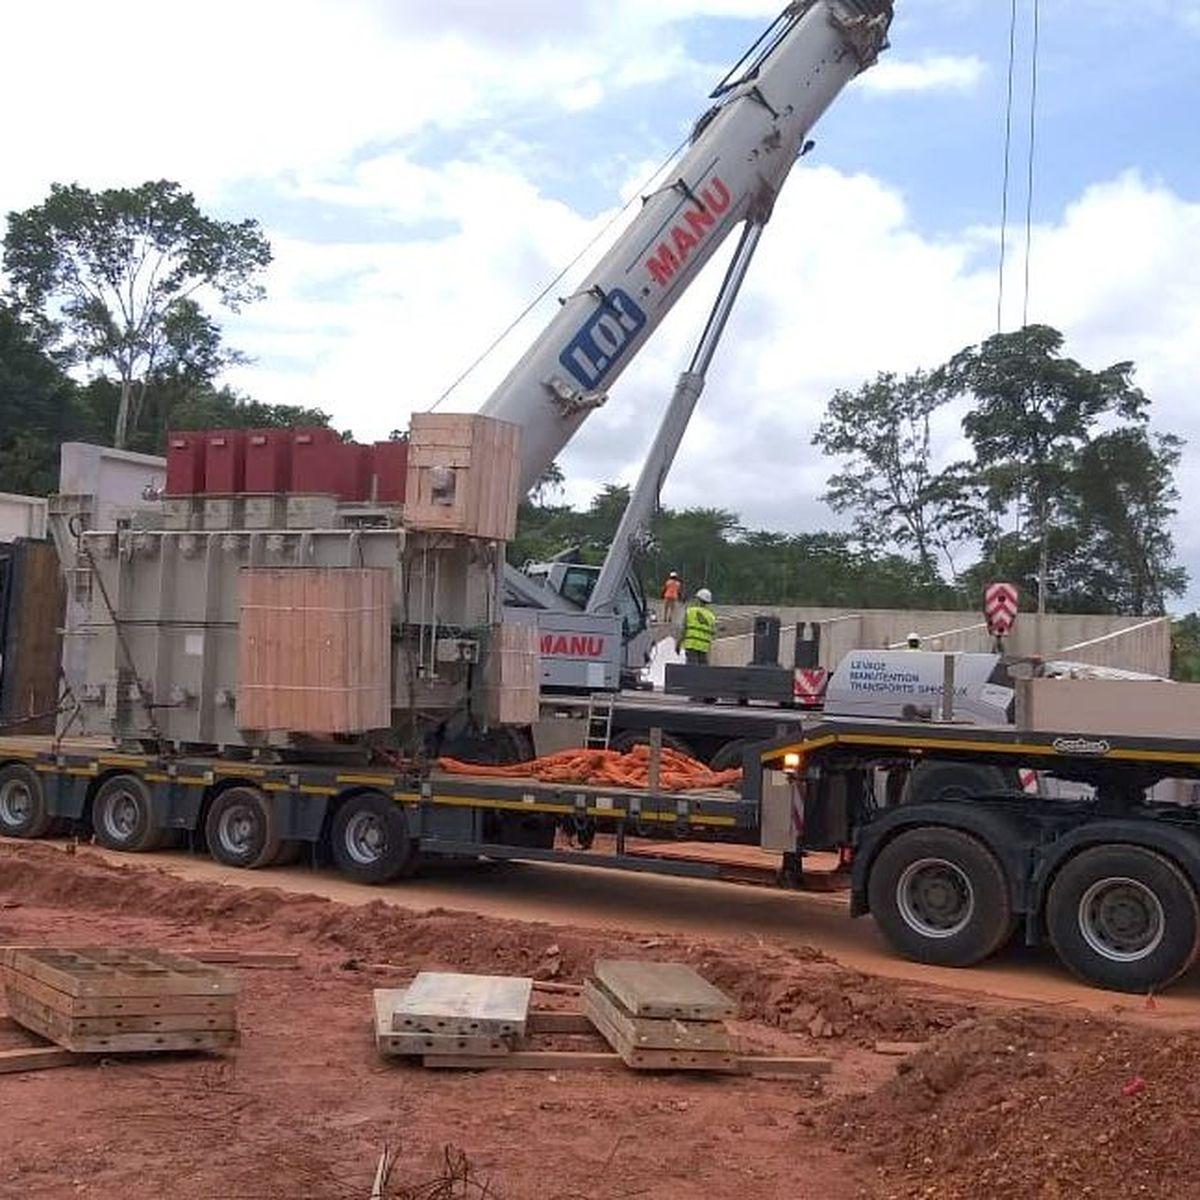 Développement et amélioration du réseau électrique dans l'est de la Guyane